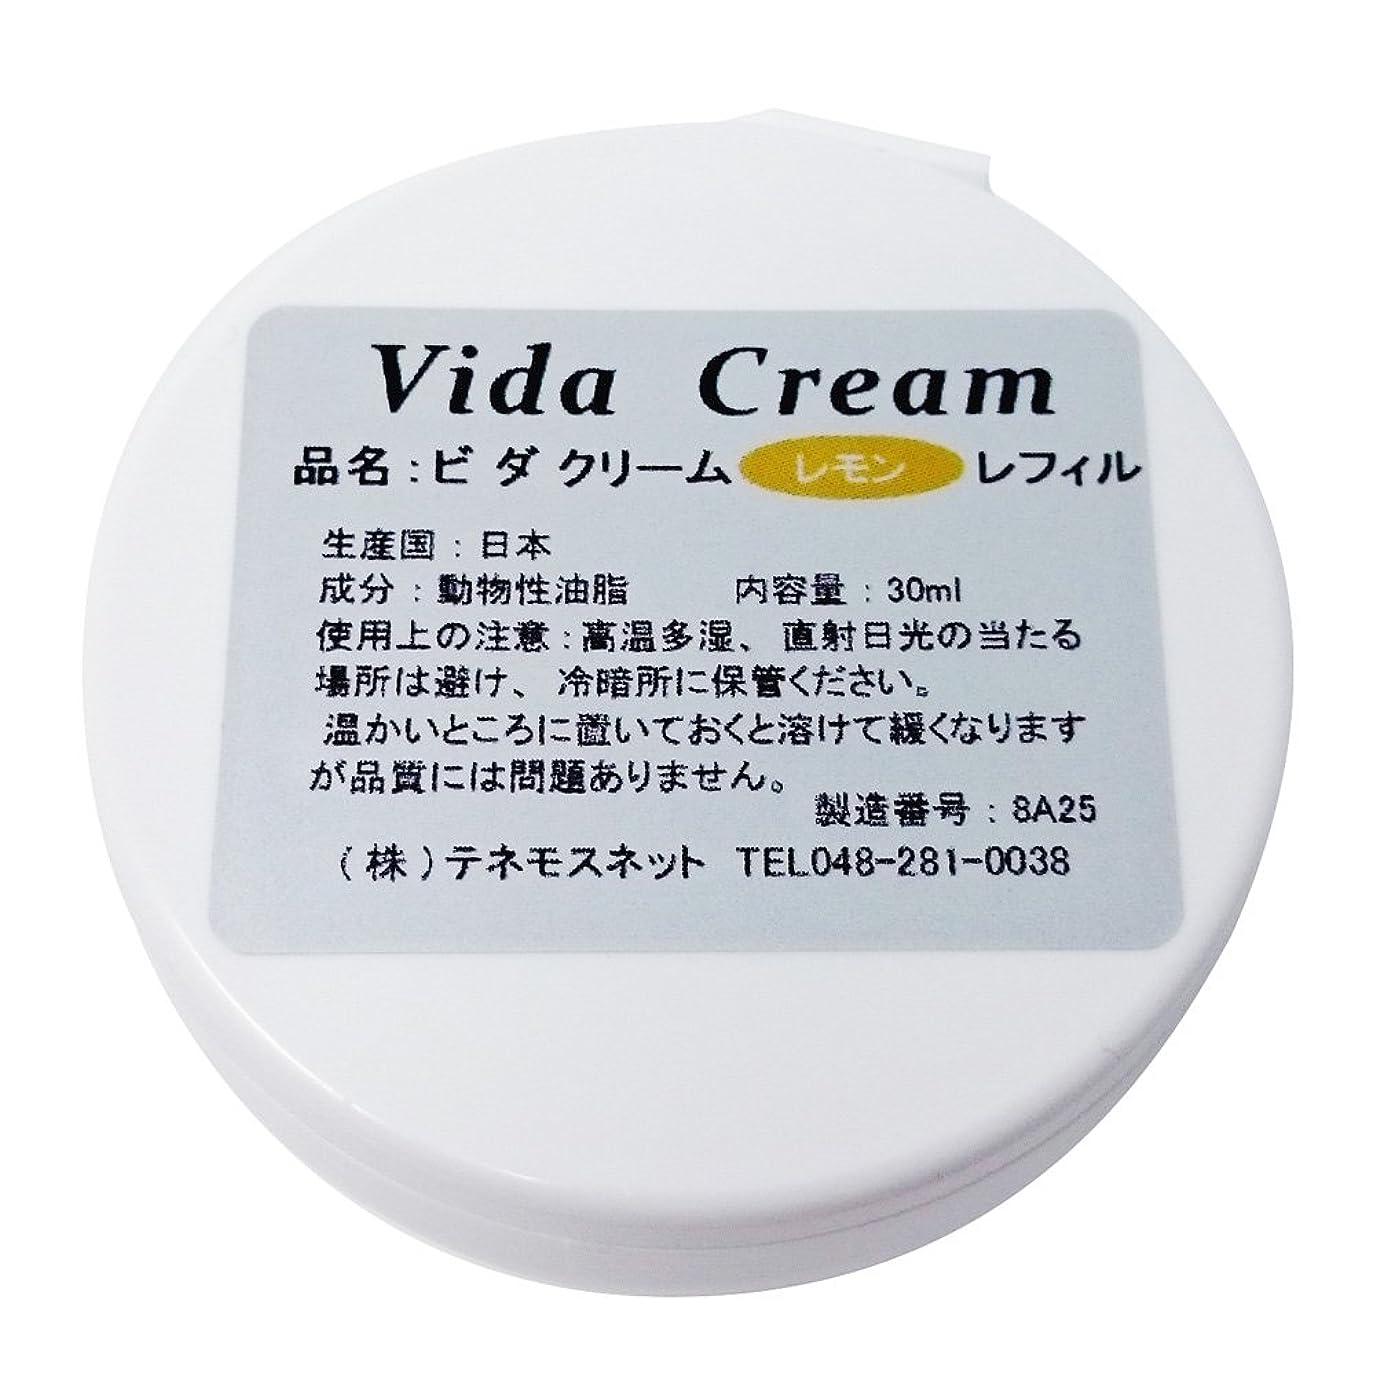 一過性弾力性のあるハイランドテネモス ビダクリーム Vida Cream ほのかレモン レフィル 付替用 30ml